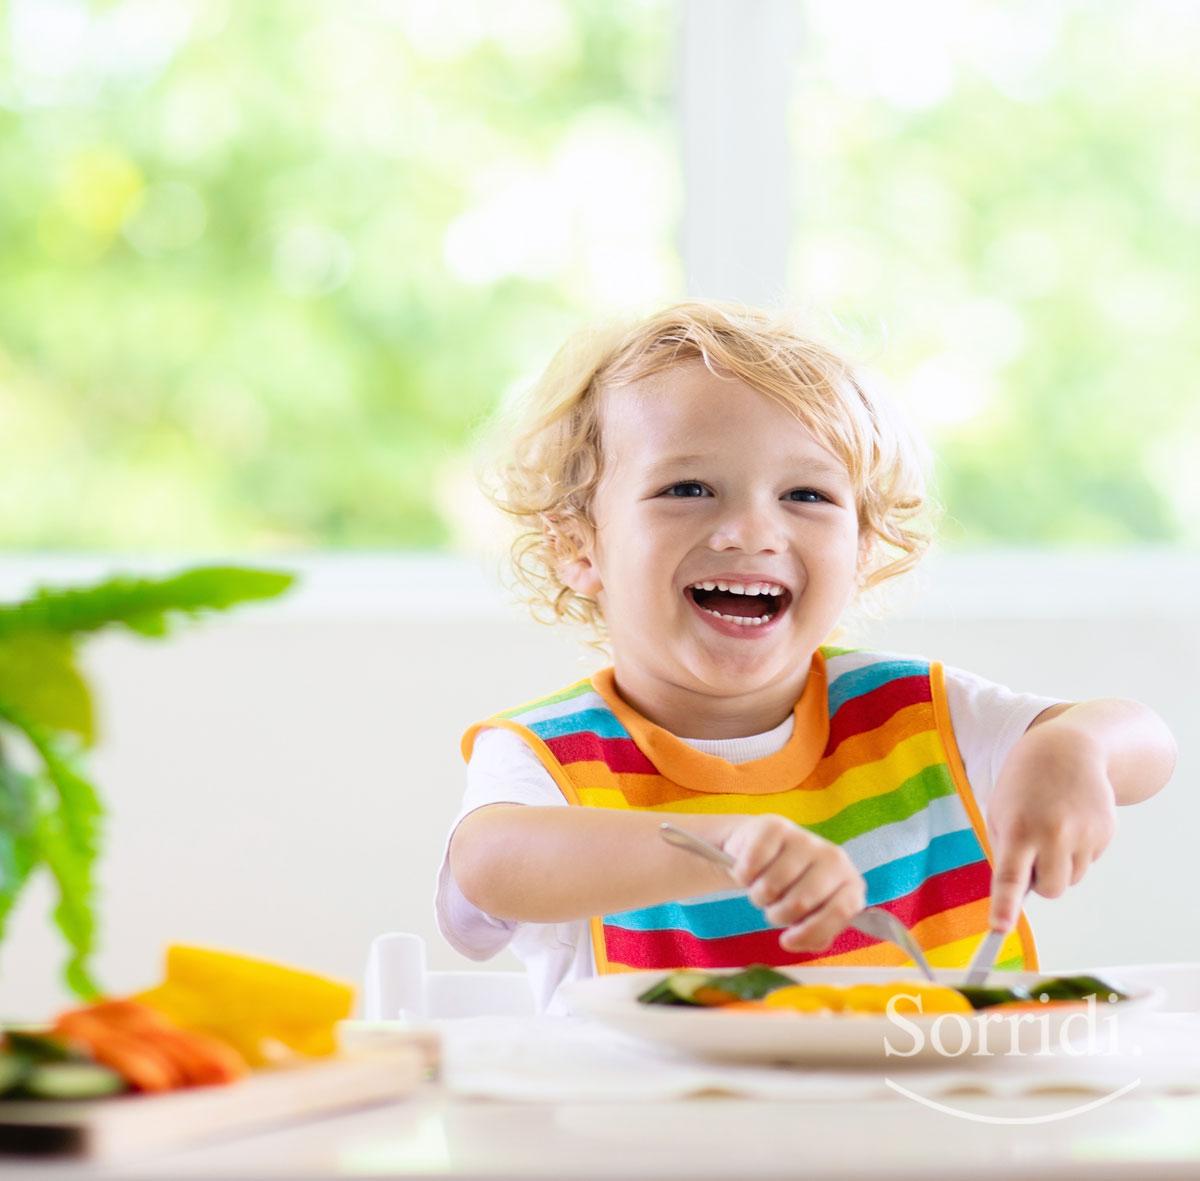 Sorridi-ch-magazine-cibi-amici-dei-denti-dei-bambini